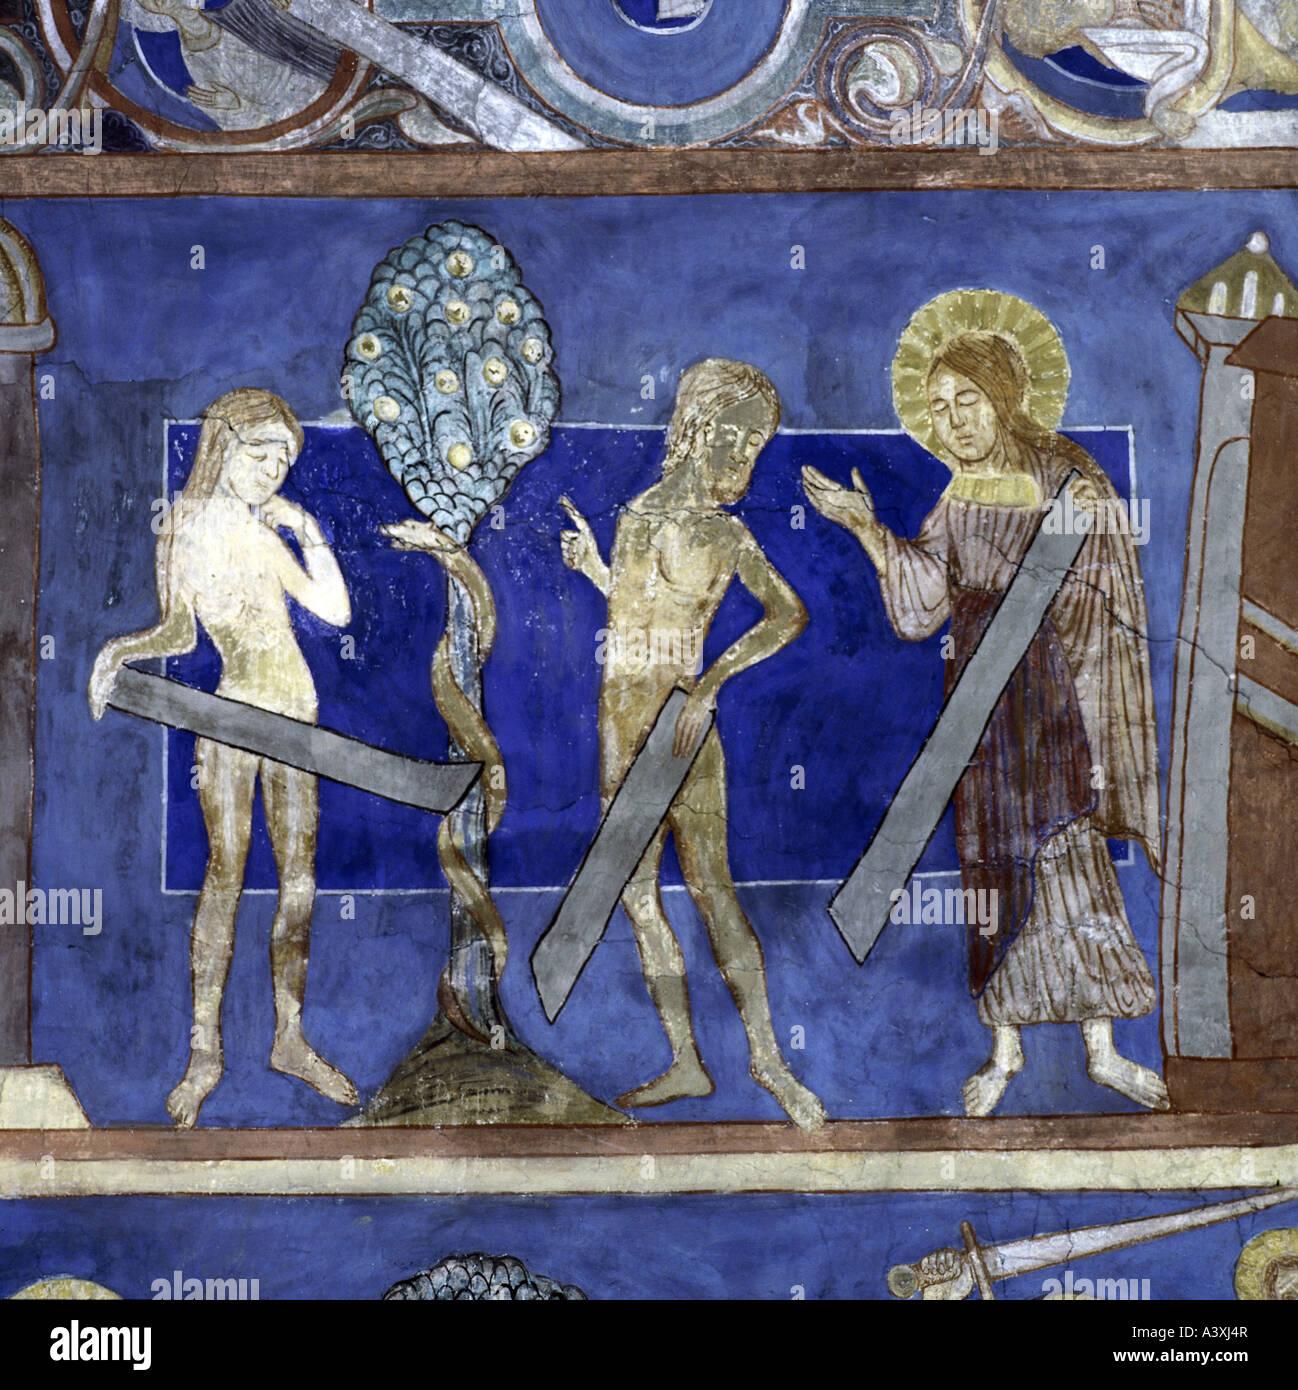 Bellas artes, arte religioso, Adán y Eva, la caída del hombre, pintura, fresco, del siglo XIII, iglesia Imagen De Stock